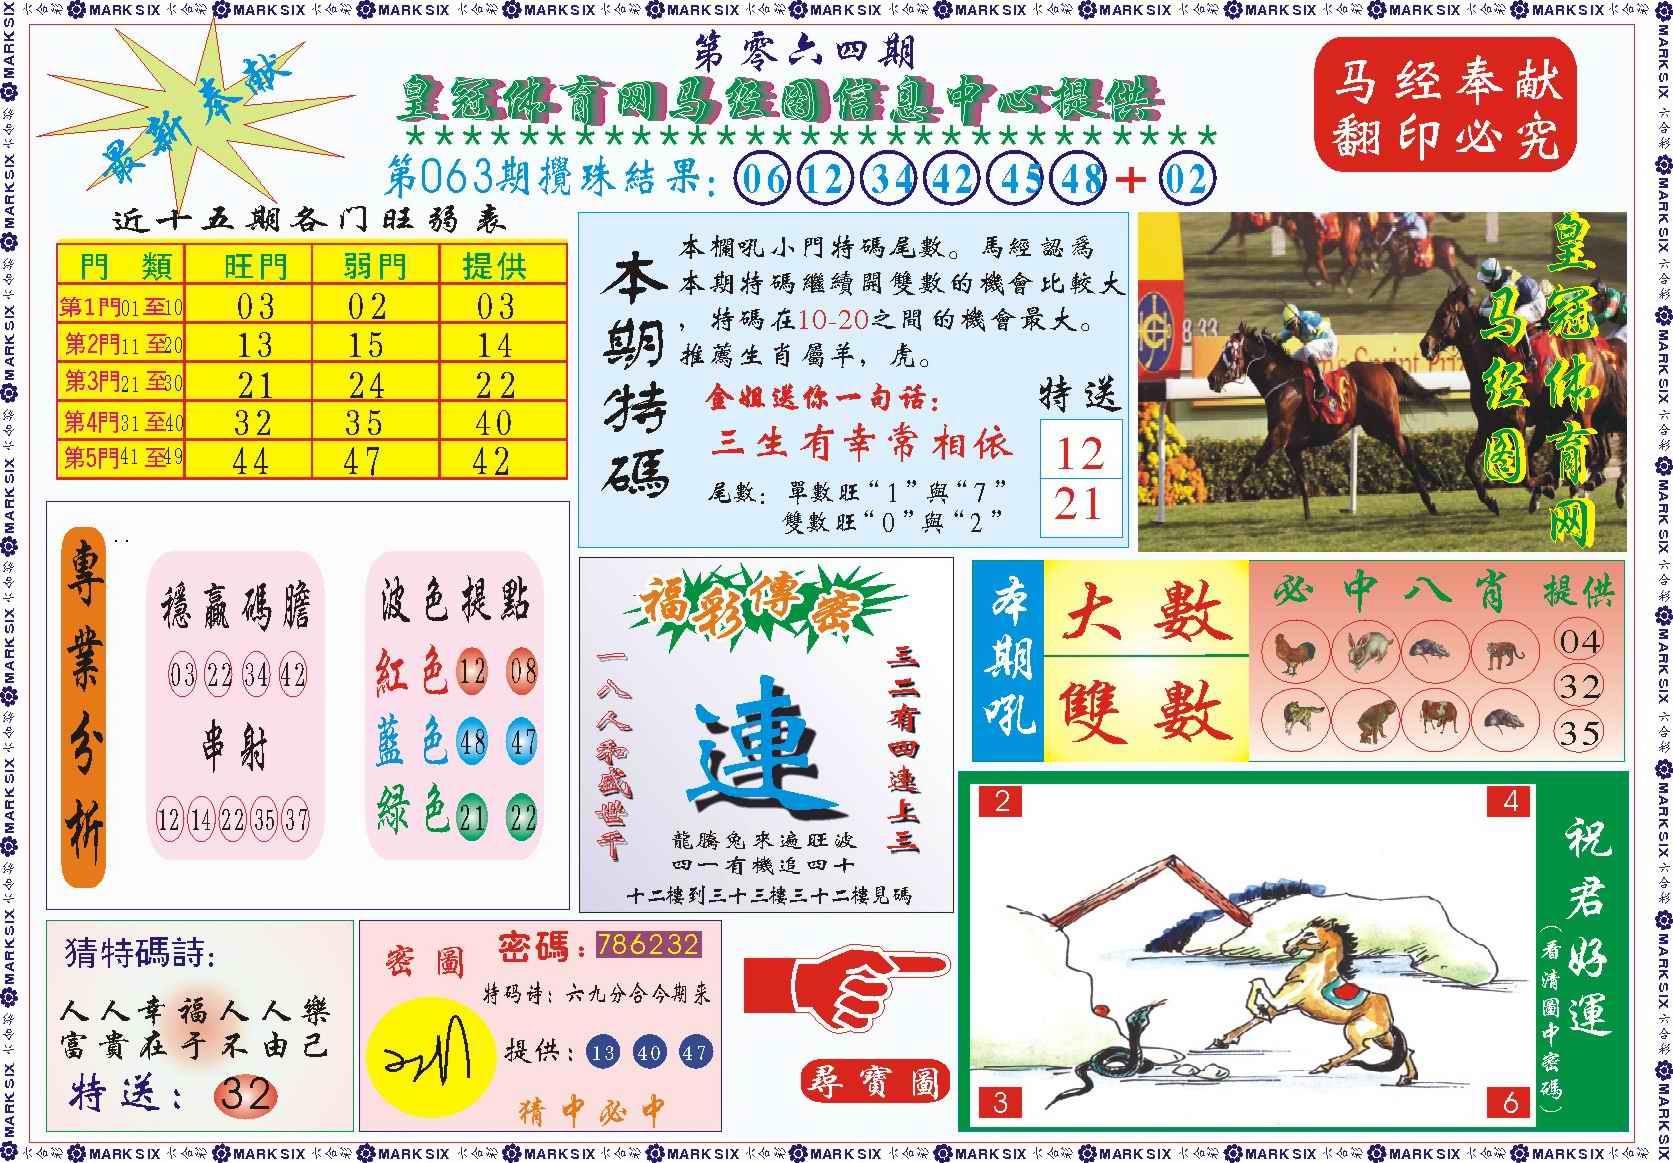 064期皇冠体育网马经图记录